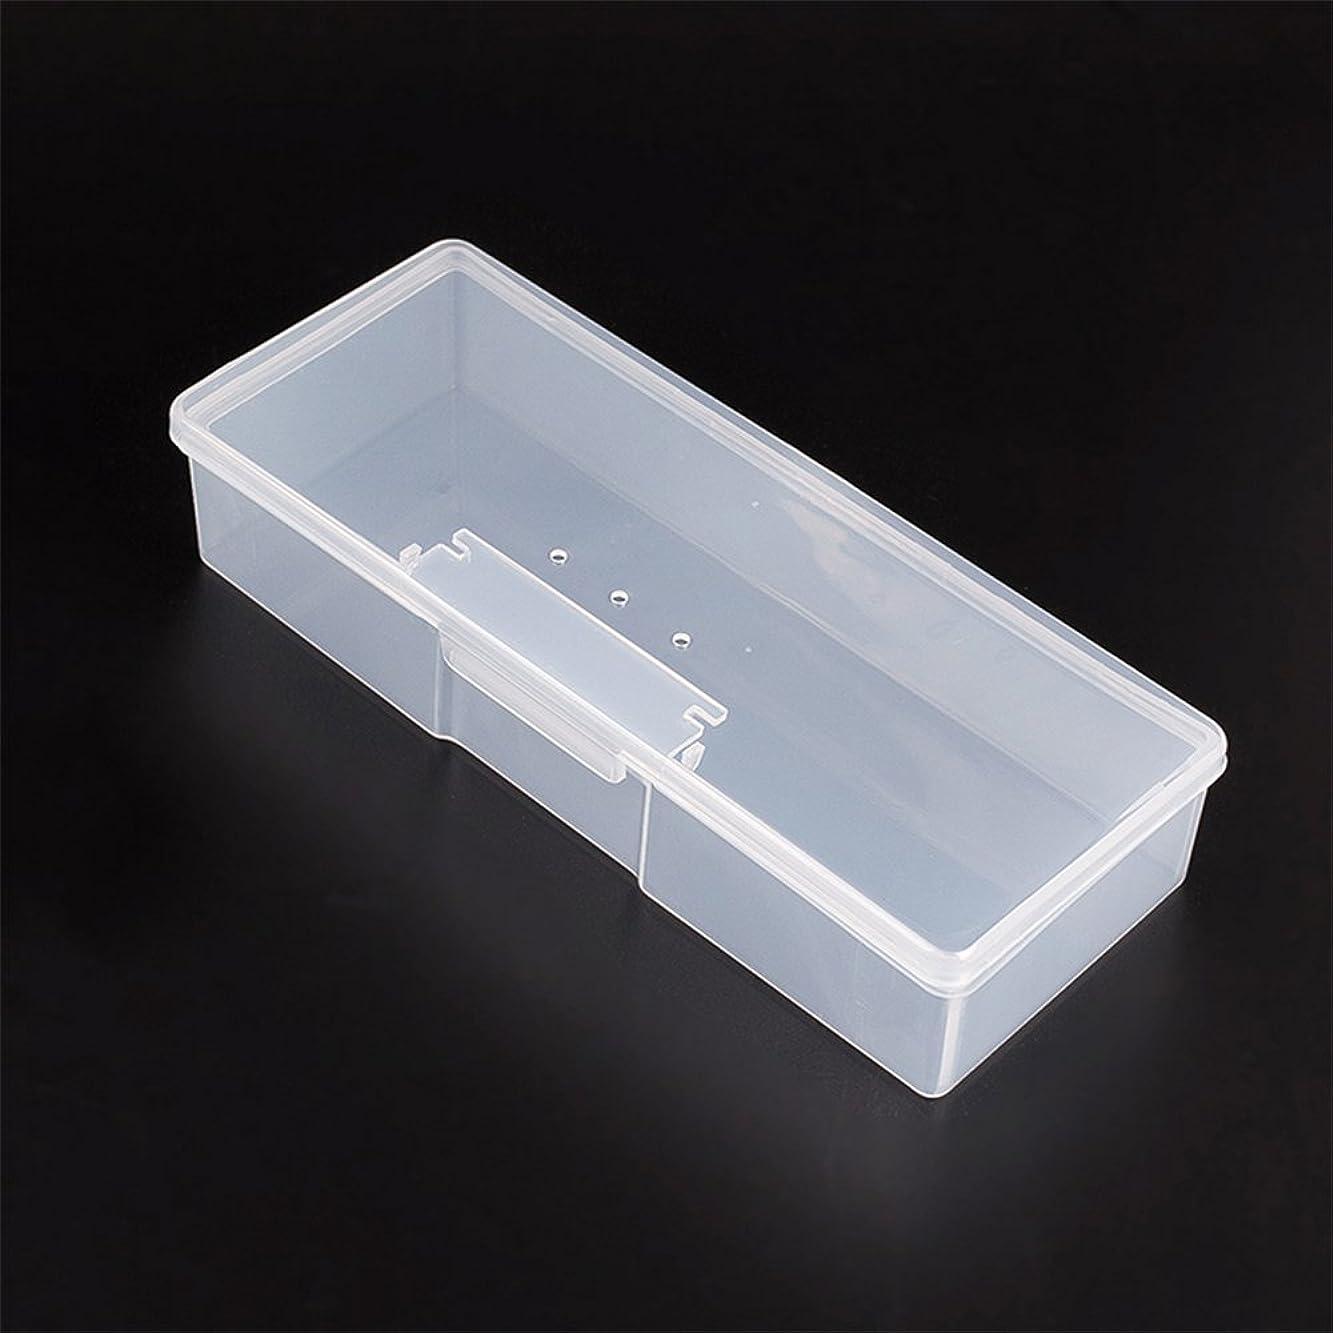 カート罪悪感ファブリックマニキュアツール 収納ボックス ポータブル キット 透明ネイルアート 収納 ホワイト